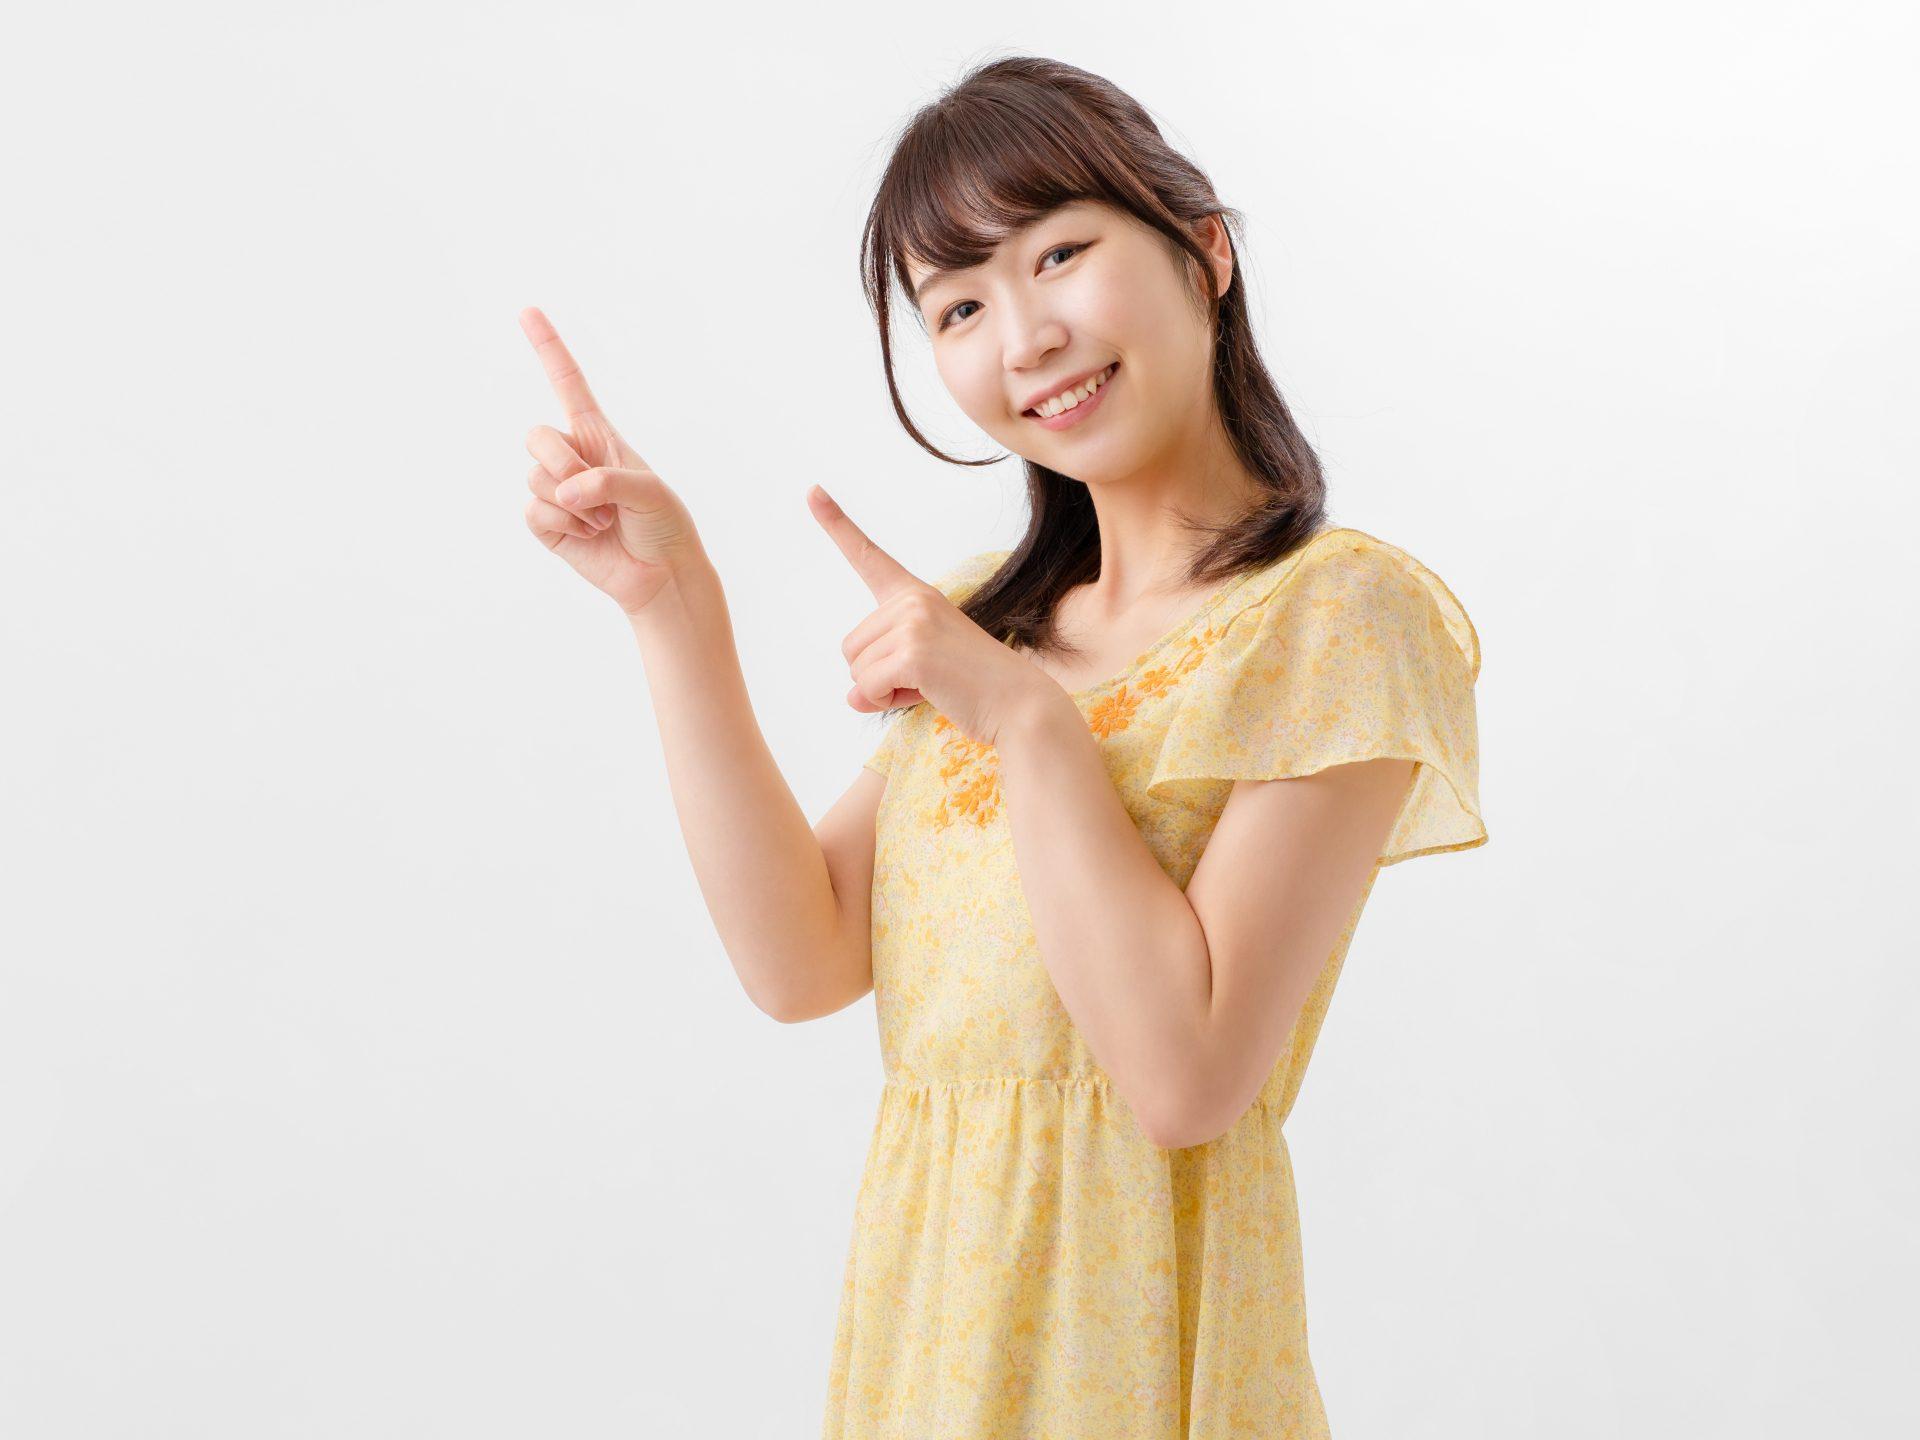 大阪のキャバクラ、初めてのアルバイトで気を付けたいことは?